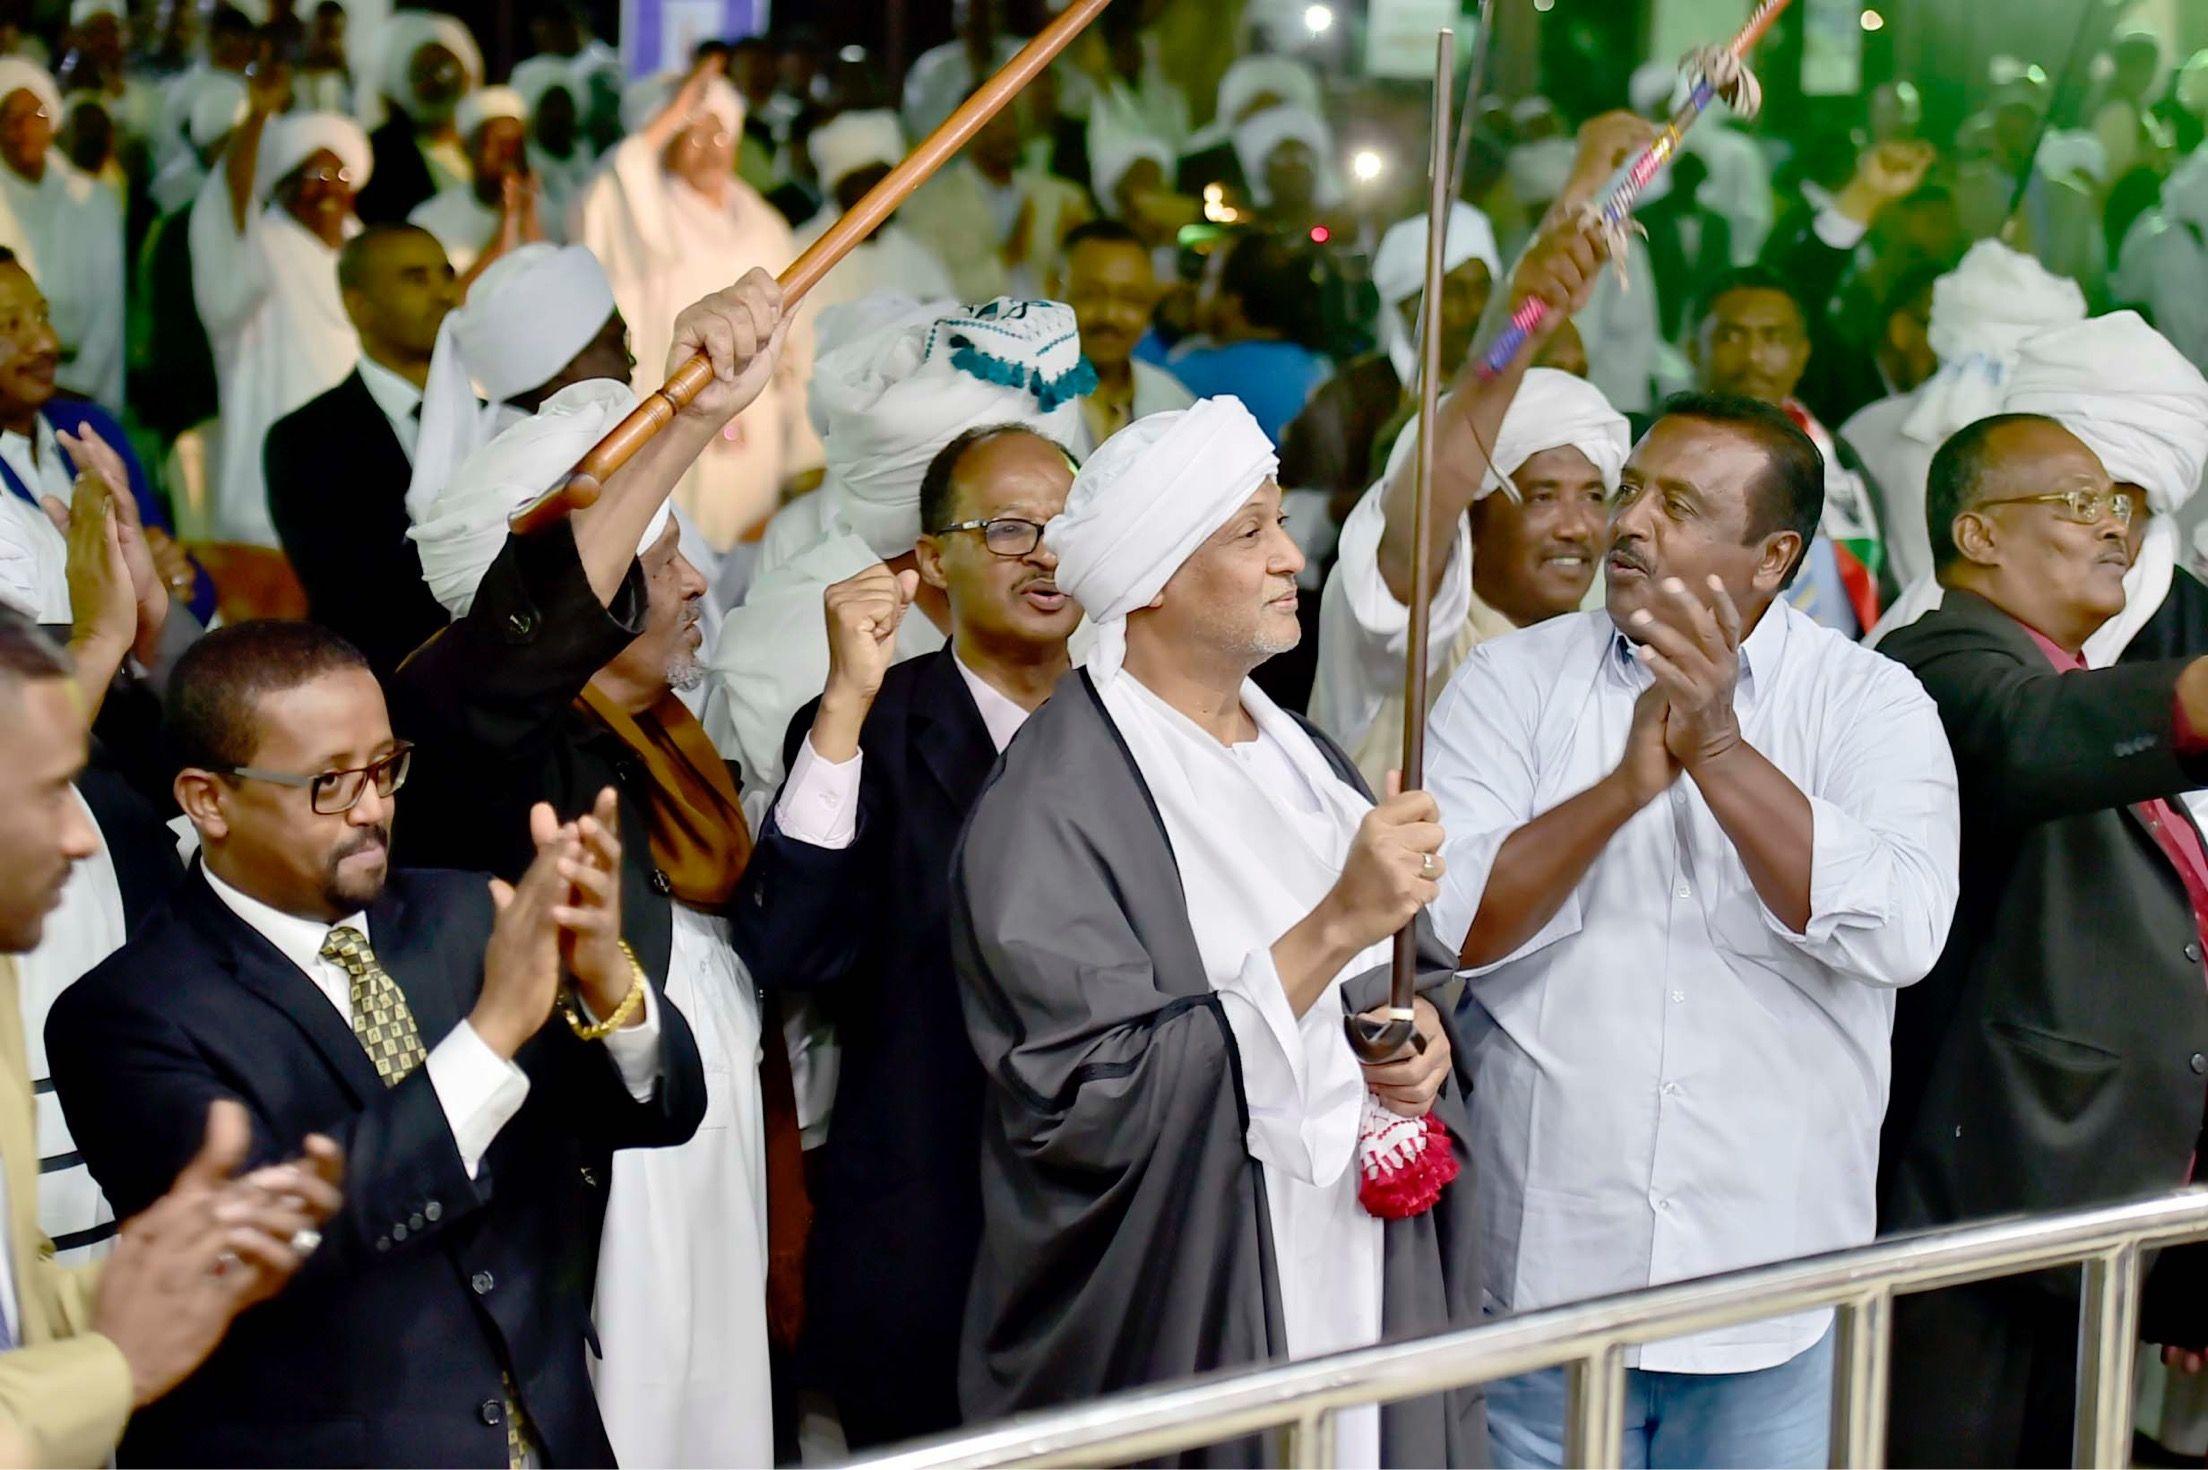 نظمتها السفارة والجالية السودانية بالسعودية: السفير السنوسي يرعى بالرياض الليلة الختامية للاحتفالات بالذكرى ال61 للاستقلال المجيد